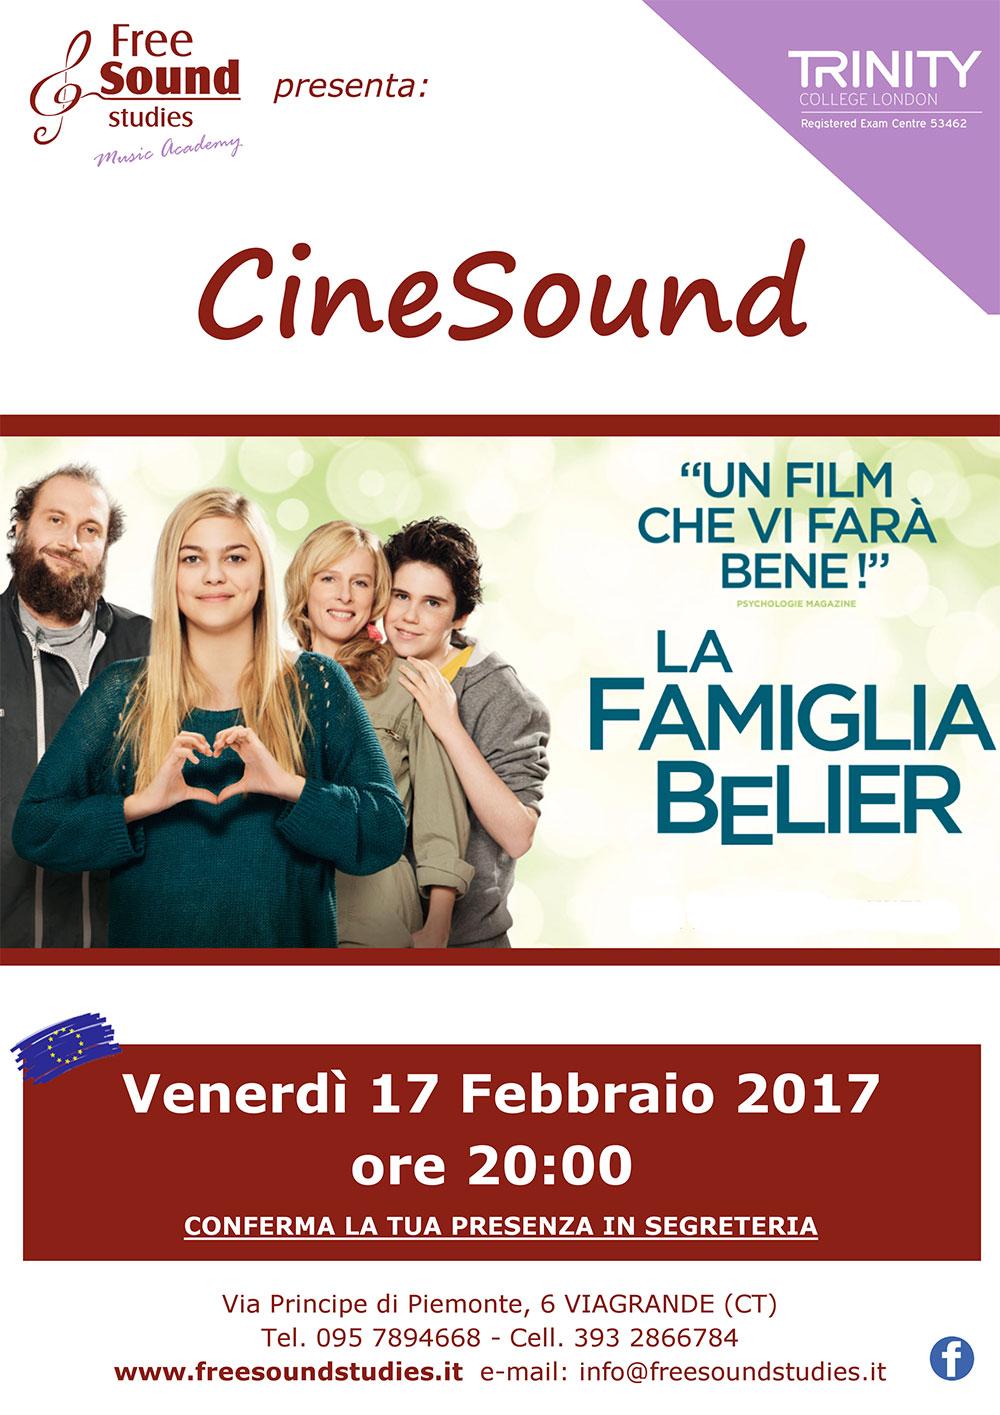 Cinesound